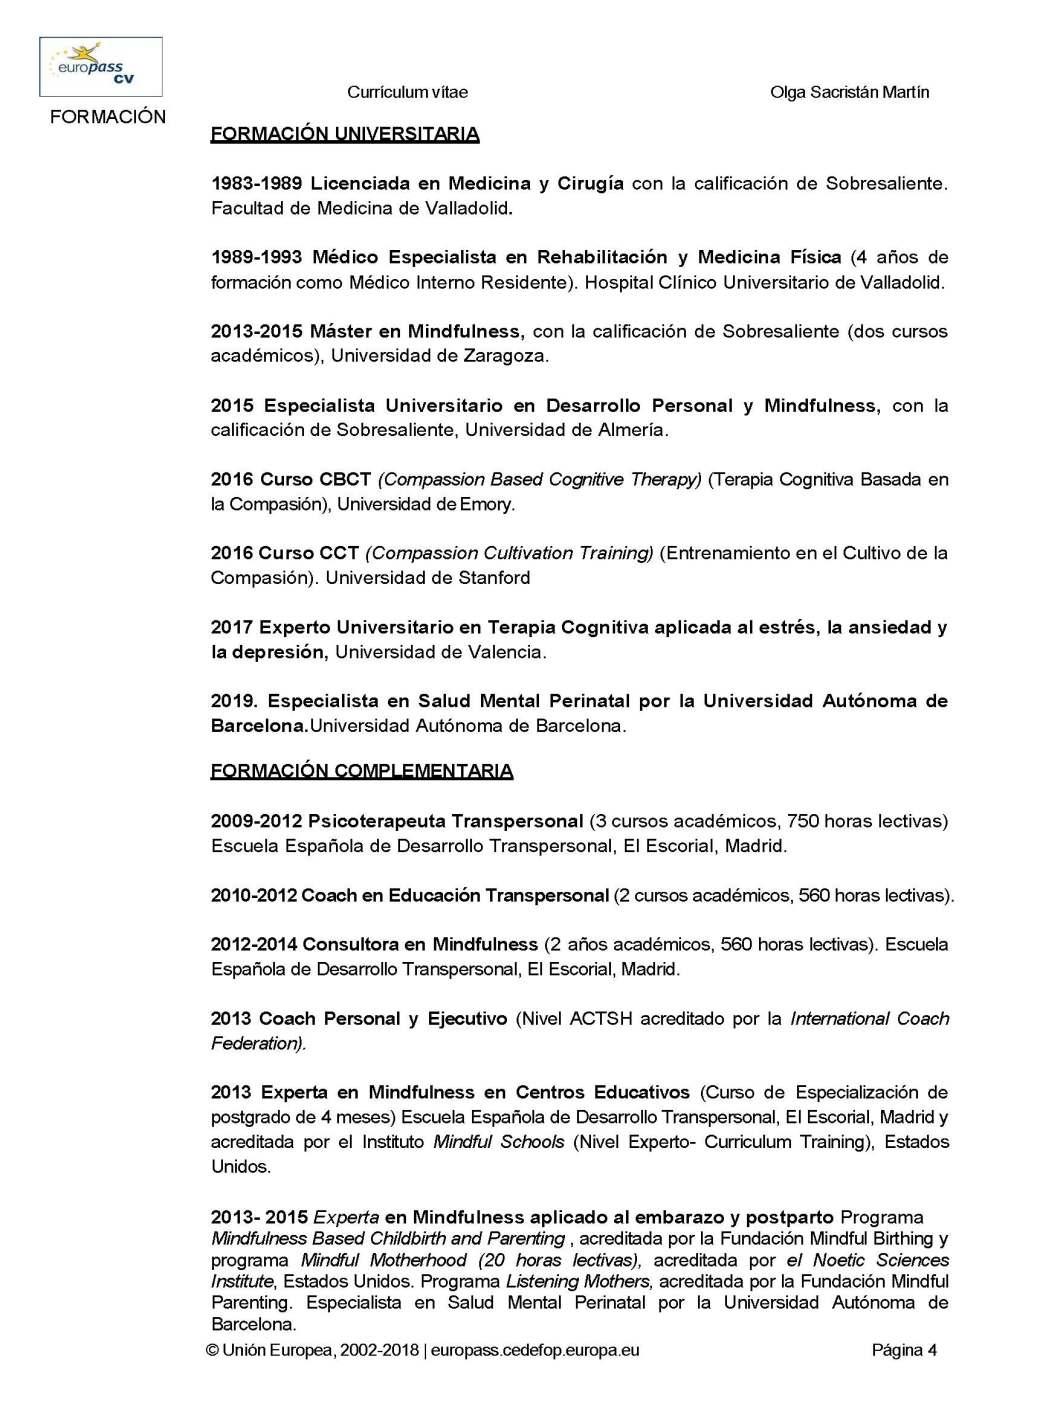 CURRICULUM EUROPASS DRA. OLGA SACRISTAN 2019_Página_04